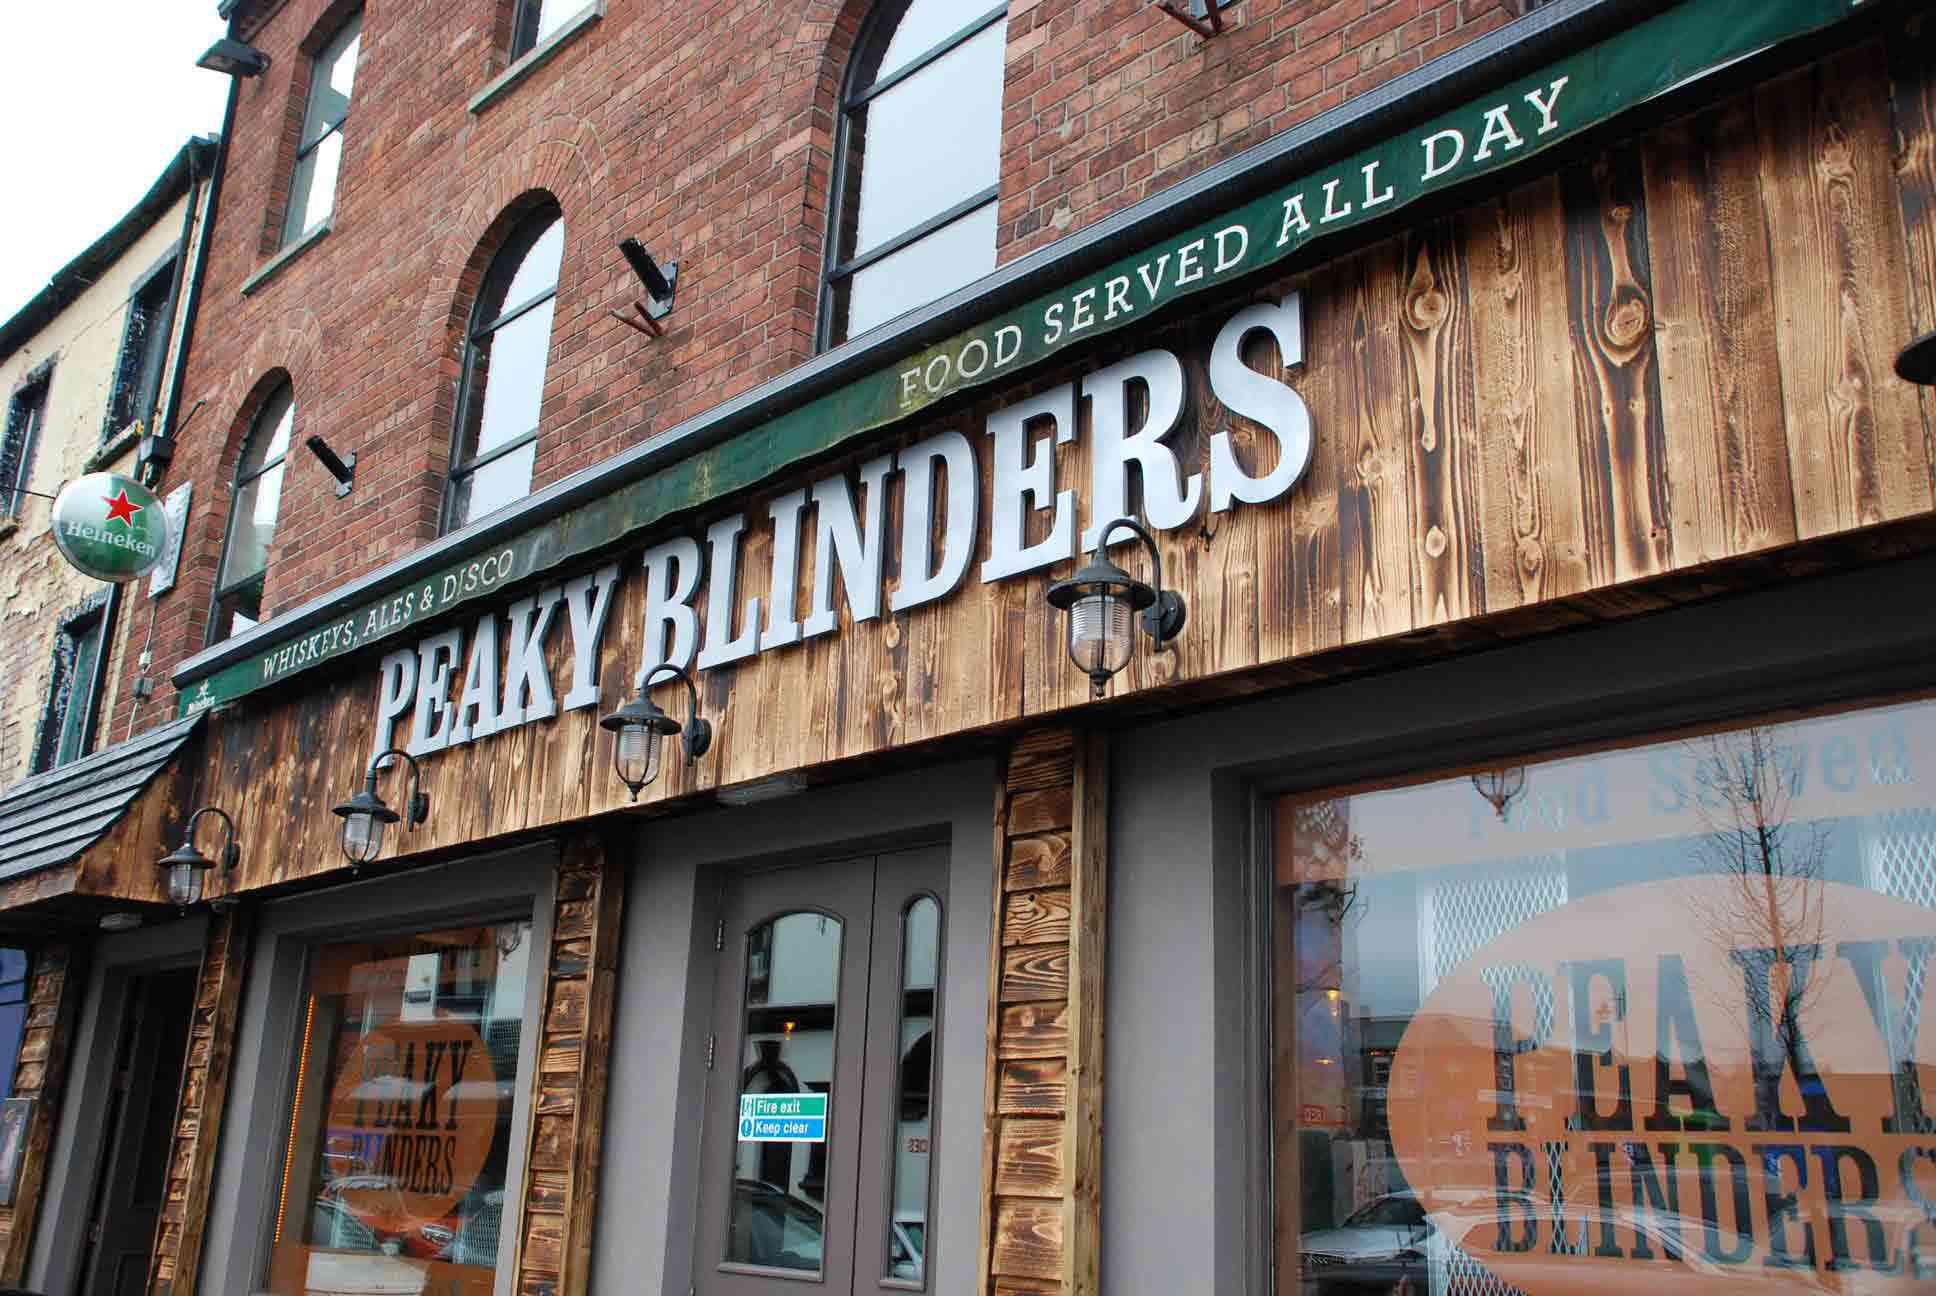 Peaky Blinders wood covered pub